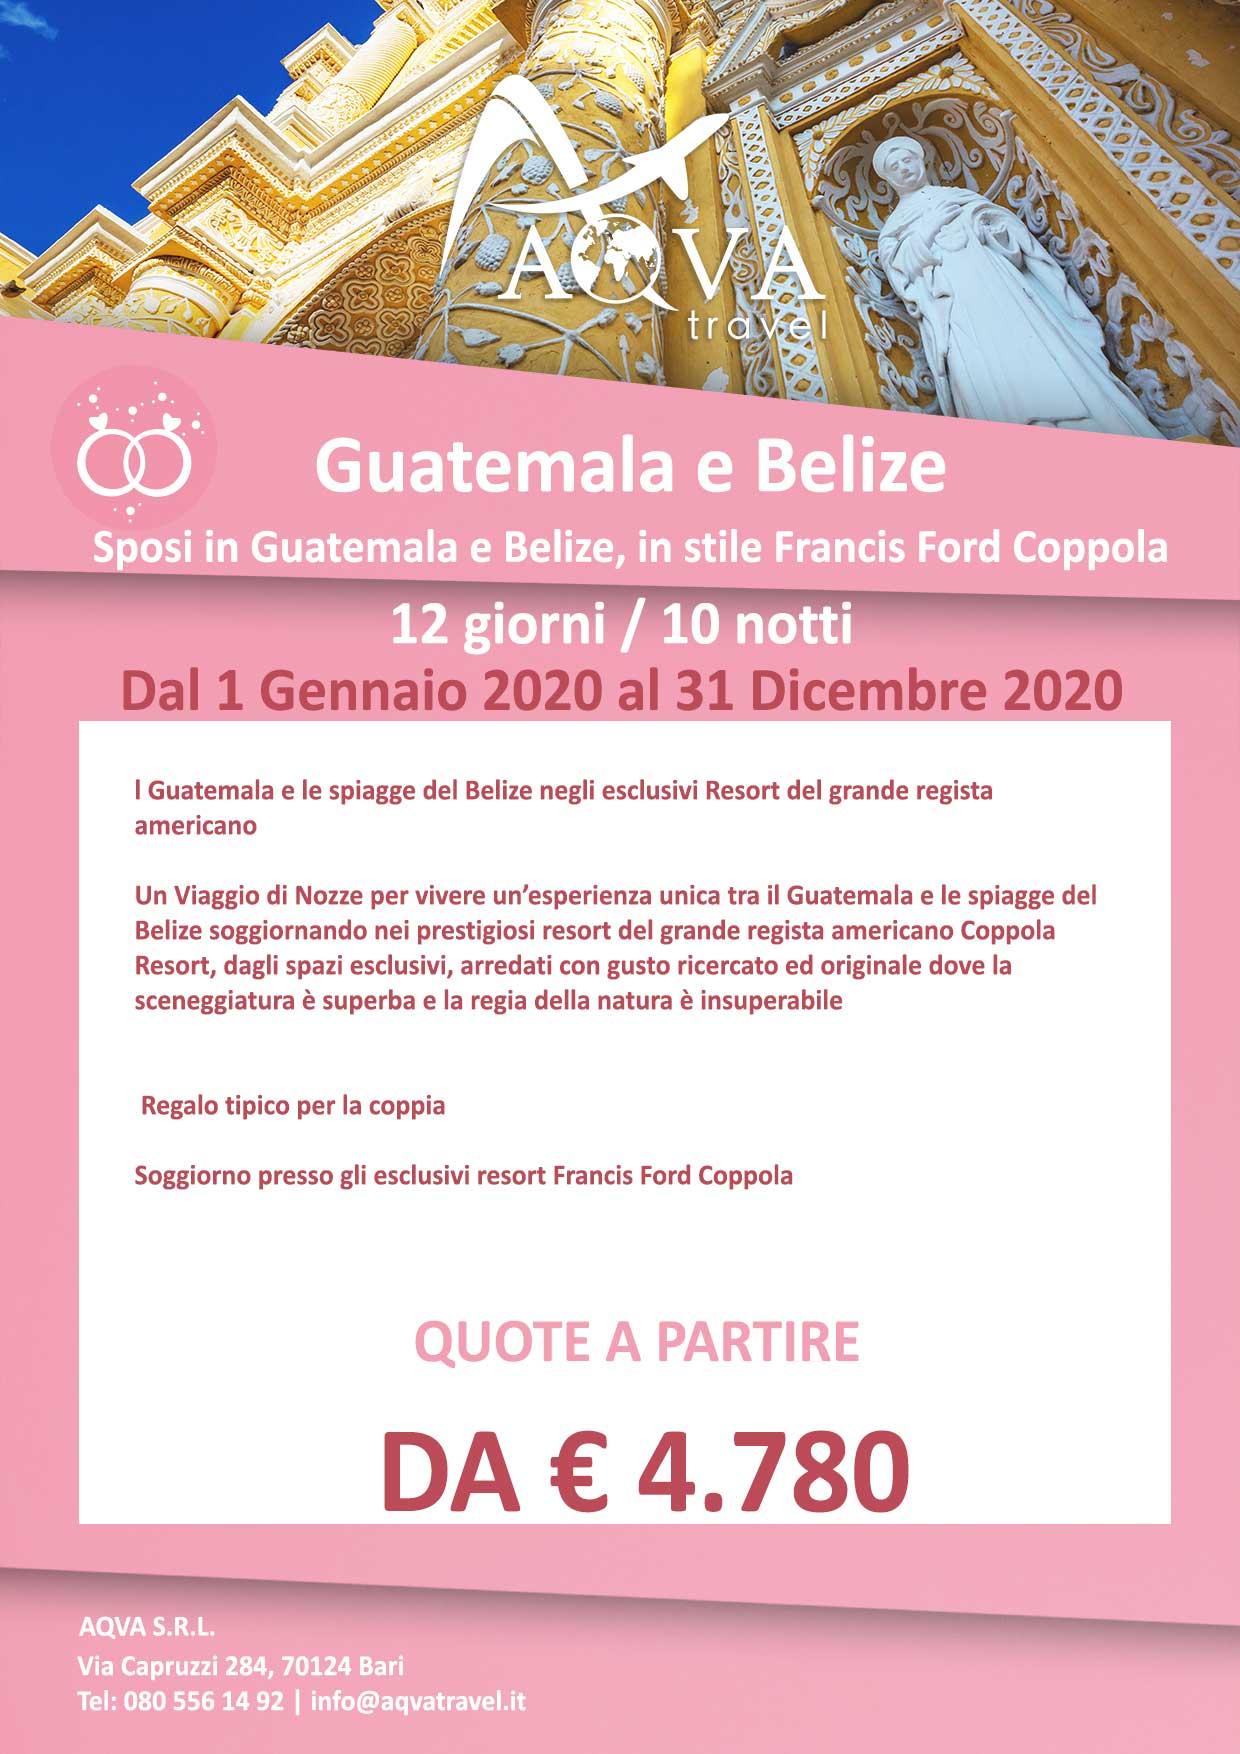 Sposi-in-Guatemala-e-Belize,-in-stile-Francis-Ford-Coppola-VIAGGI-DI-NOZZE-offerte-agenzia-di-viaggi-Bari-AQVATRAVEL-it